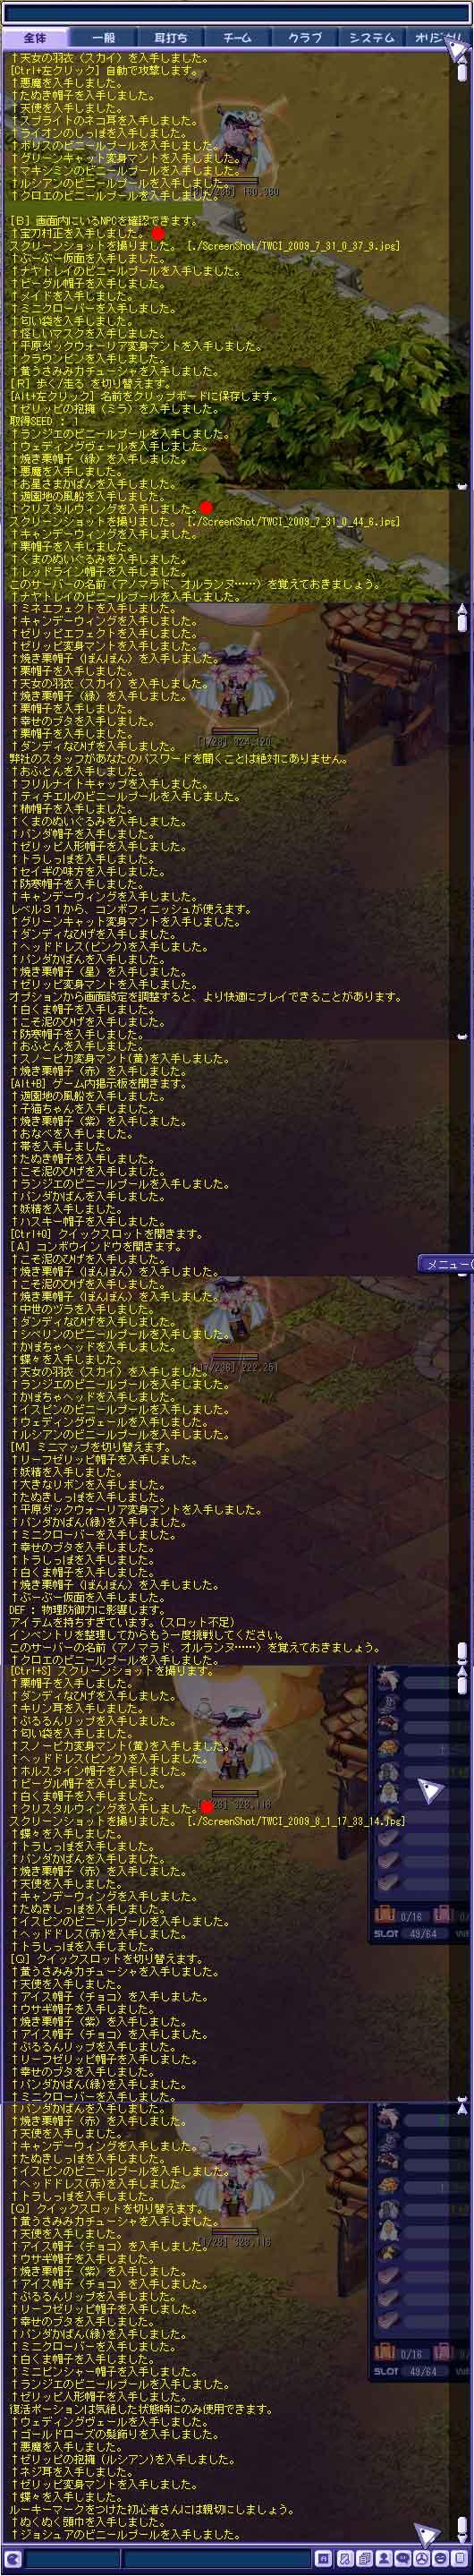 20090802010631369.jpg